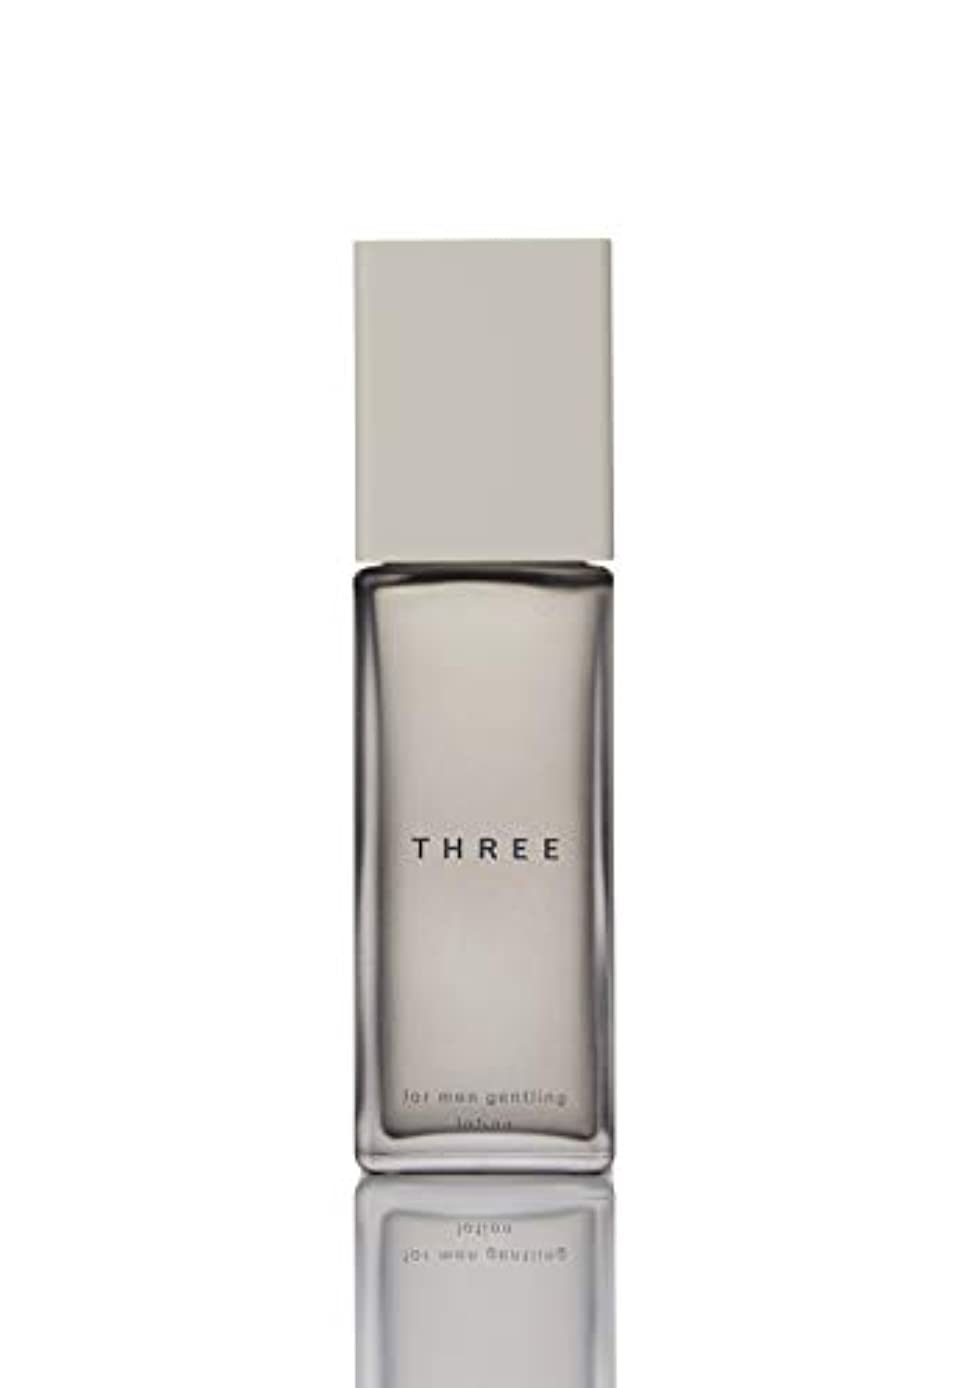 倍増星実験をするFIVEISM × THREE(ファイブイズム バイ スリー) THREE フォー?メン ジェントリング ローション 100mL 化粧水